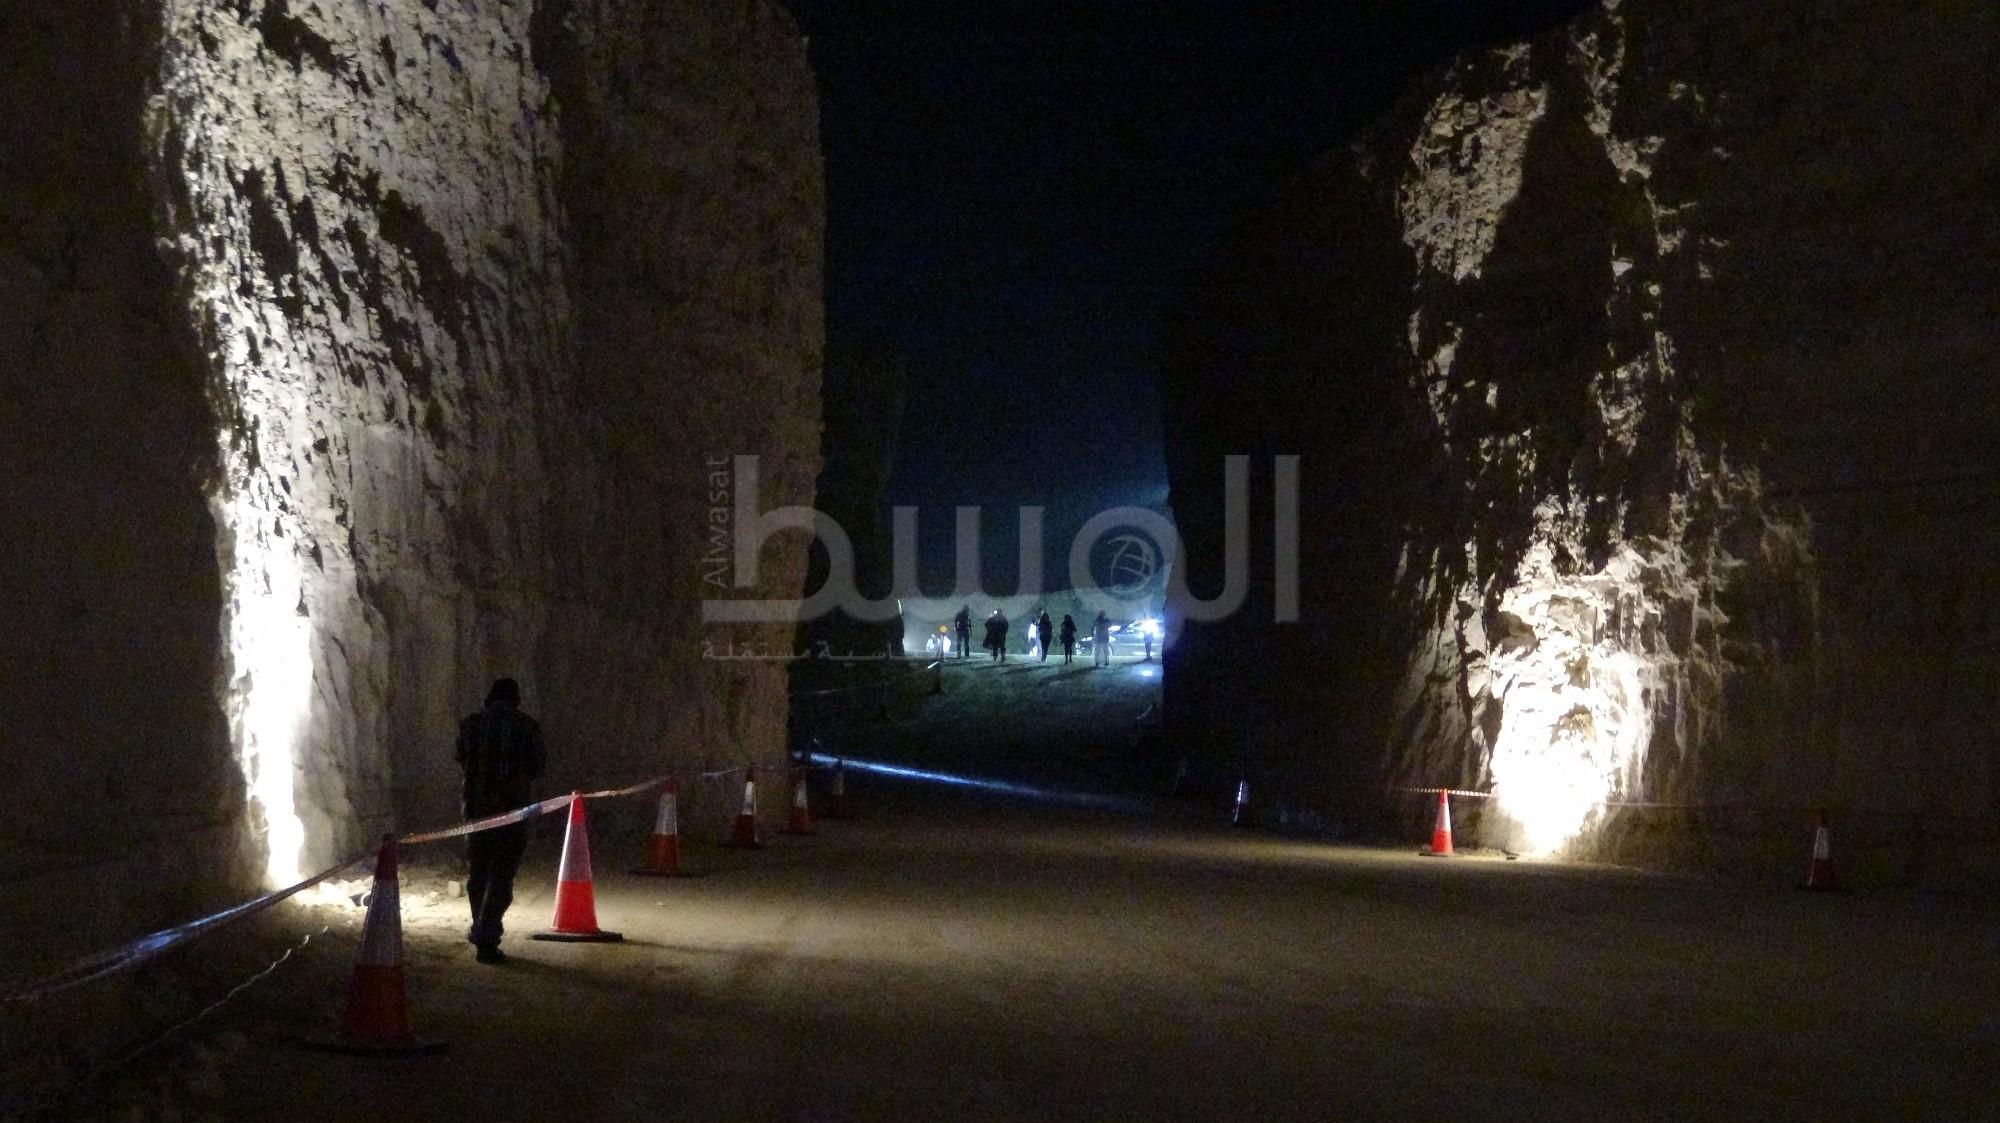 اوركسترا المحجر في البحرين                                          تصوير- احمد مرهون